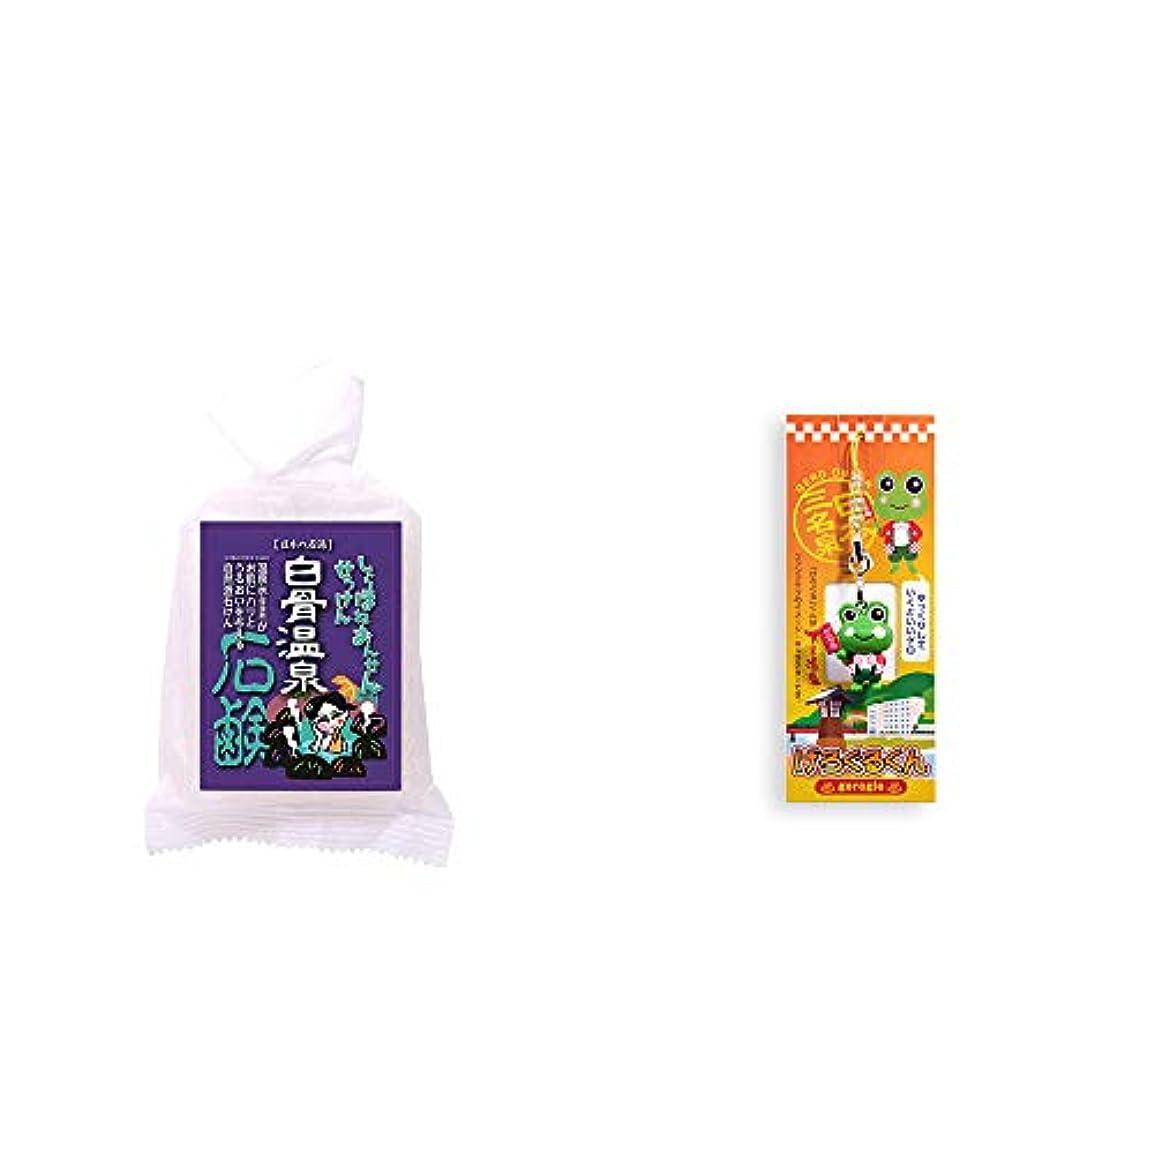 [2点セット] 信州 白骨温泉石鹸(80g)?下呂温泉ファンクラブのイメージキャラクター げろぐるくんストラップ